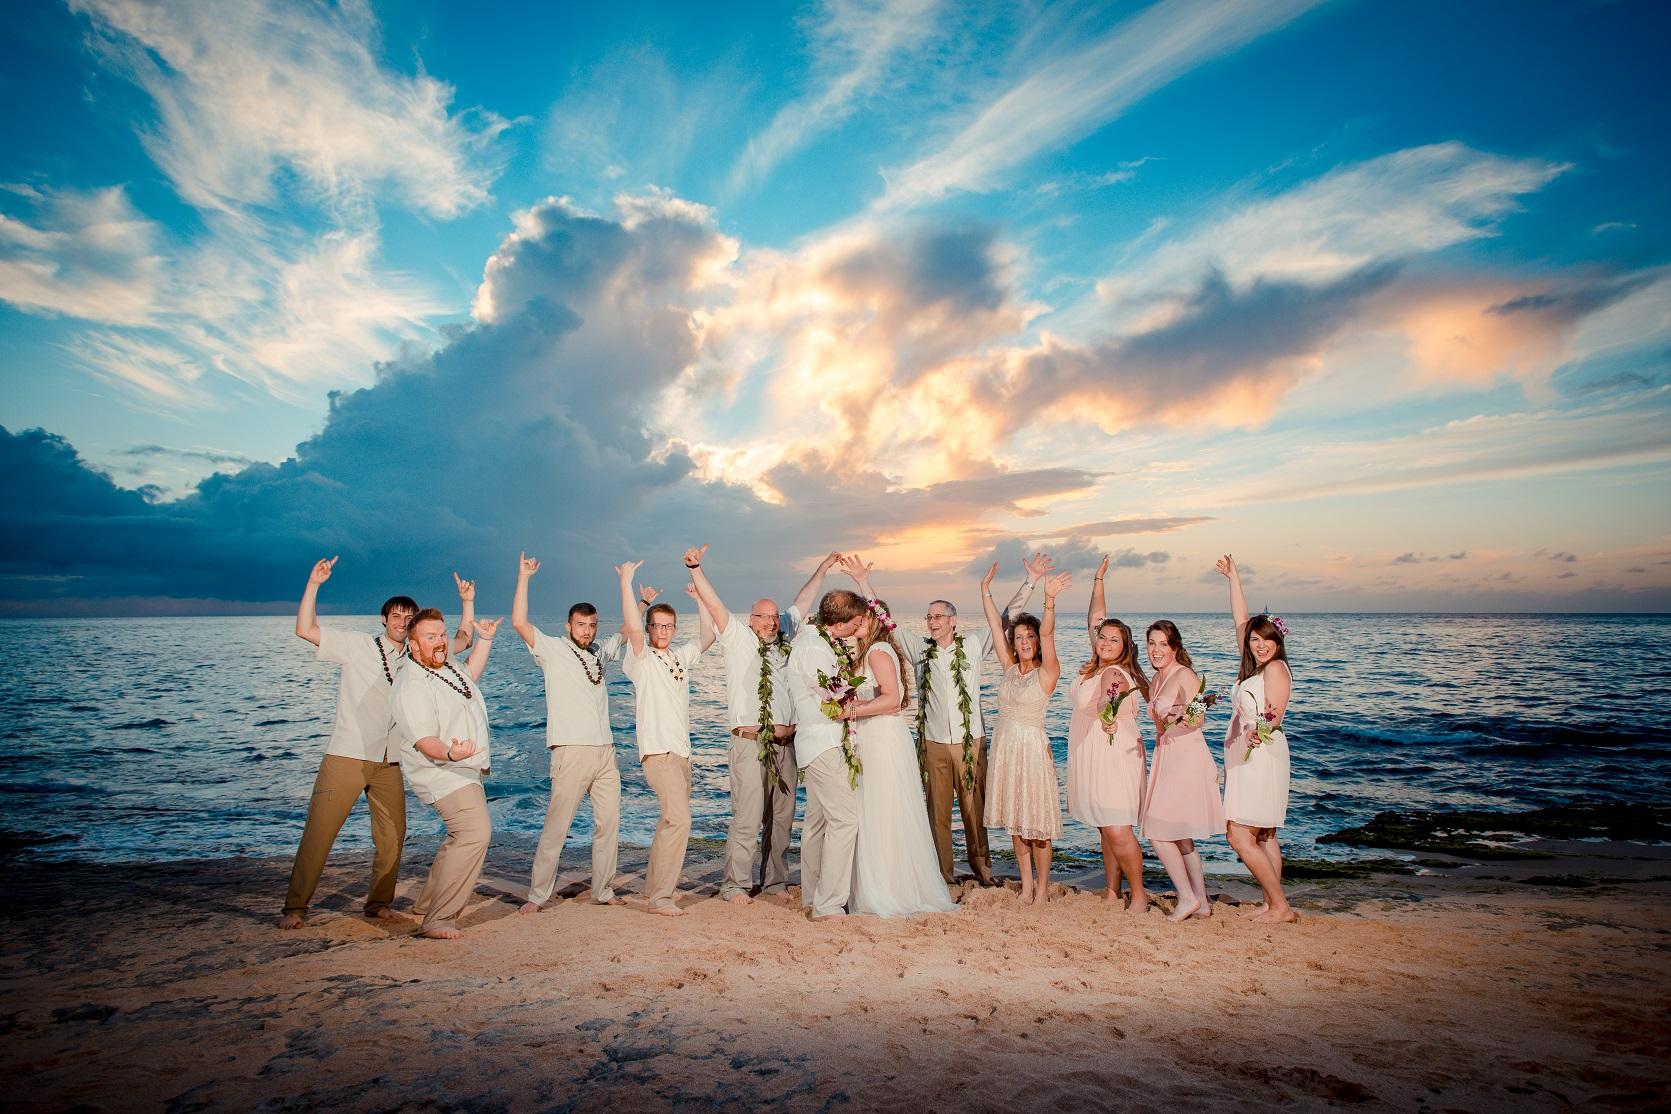 bridal party north shore beach wedding